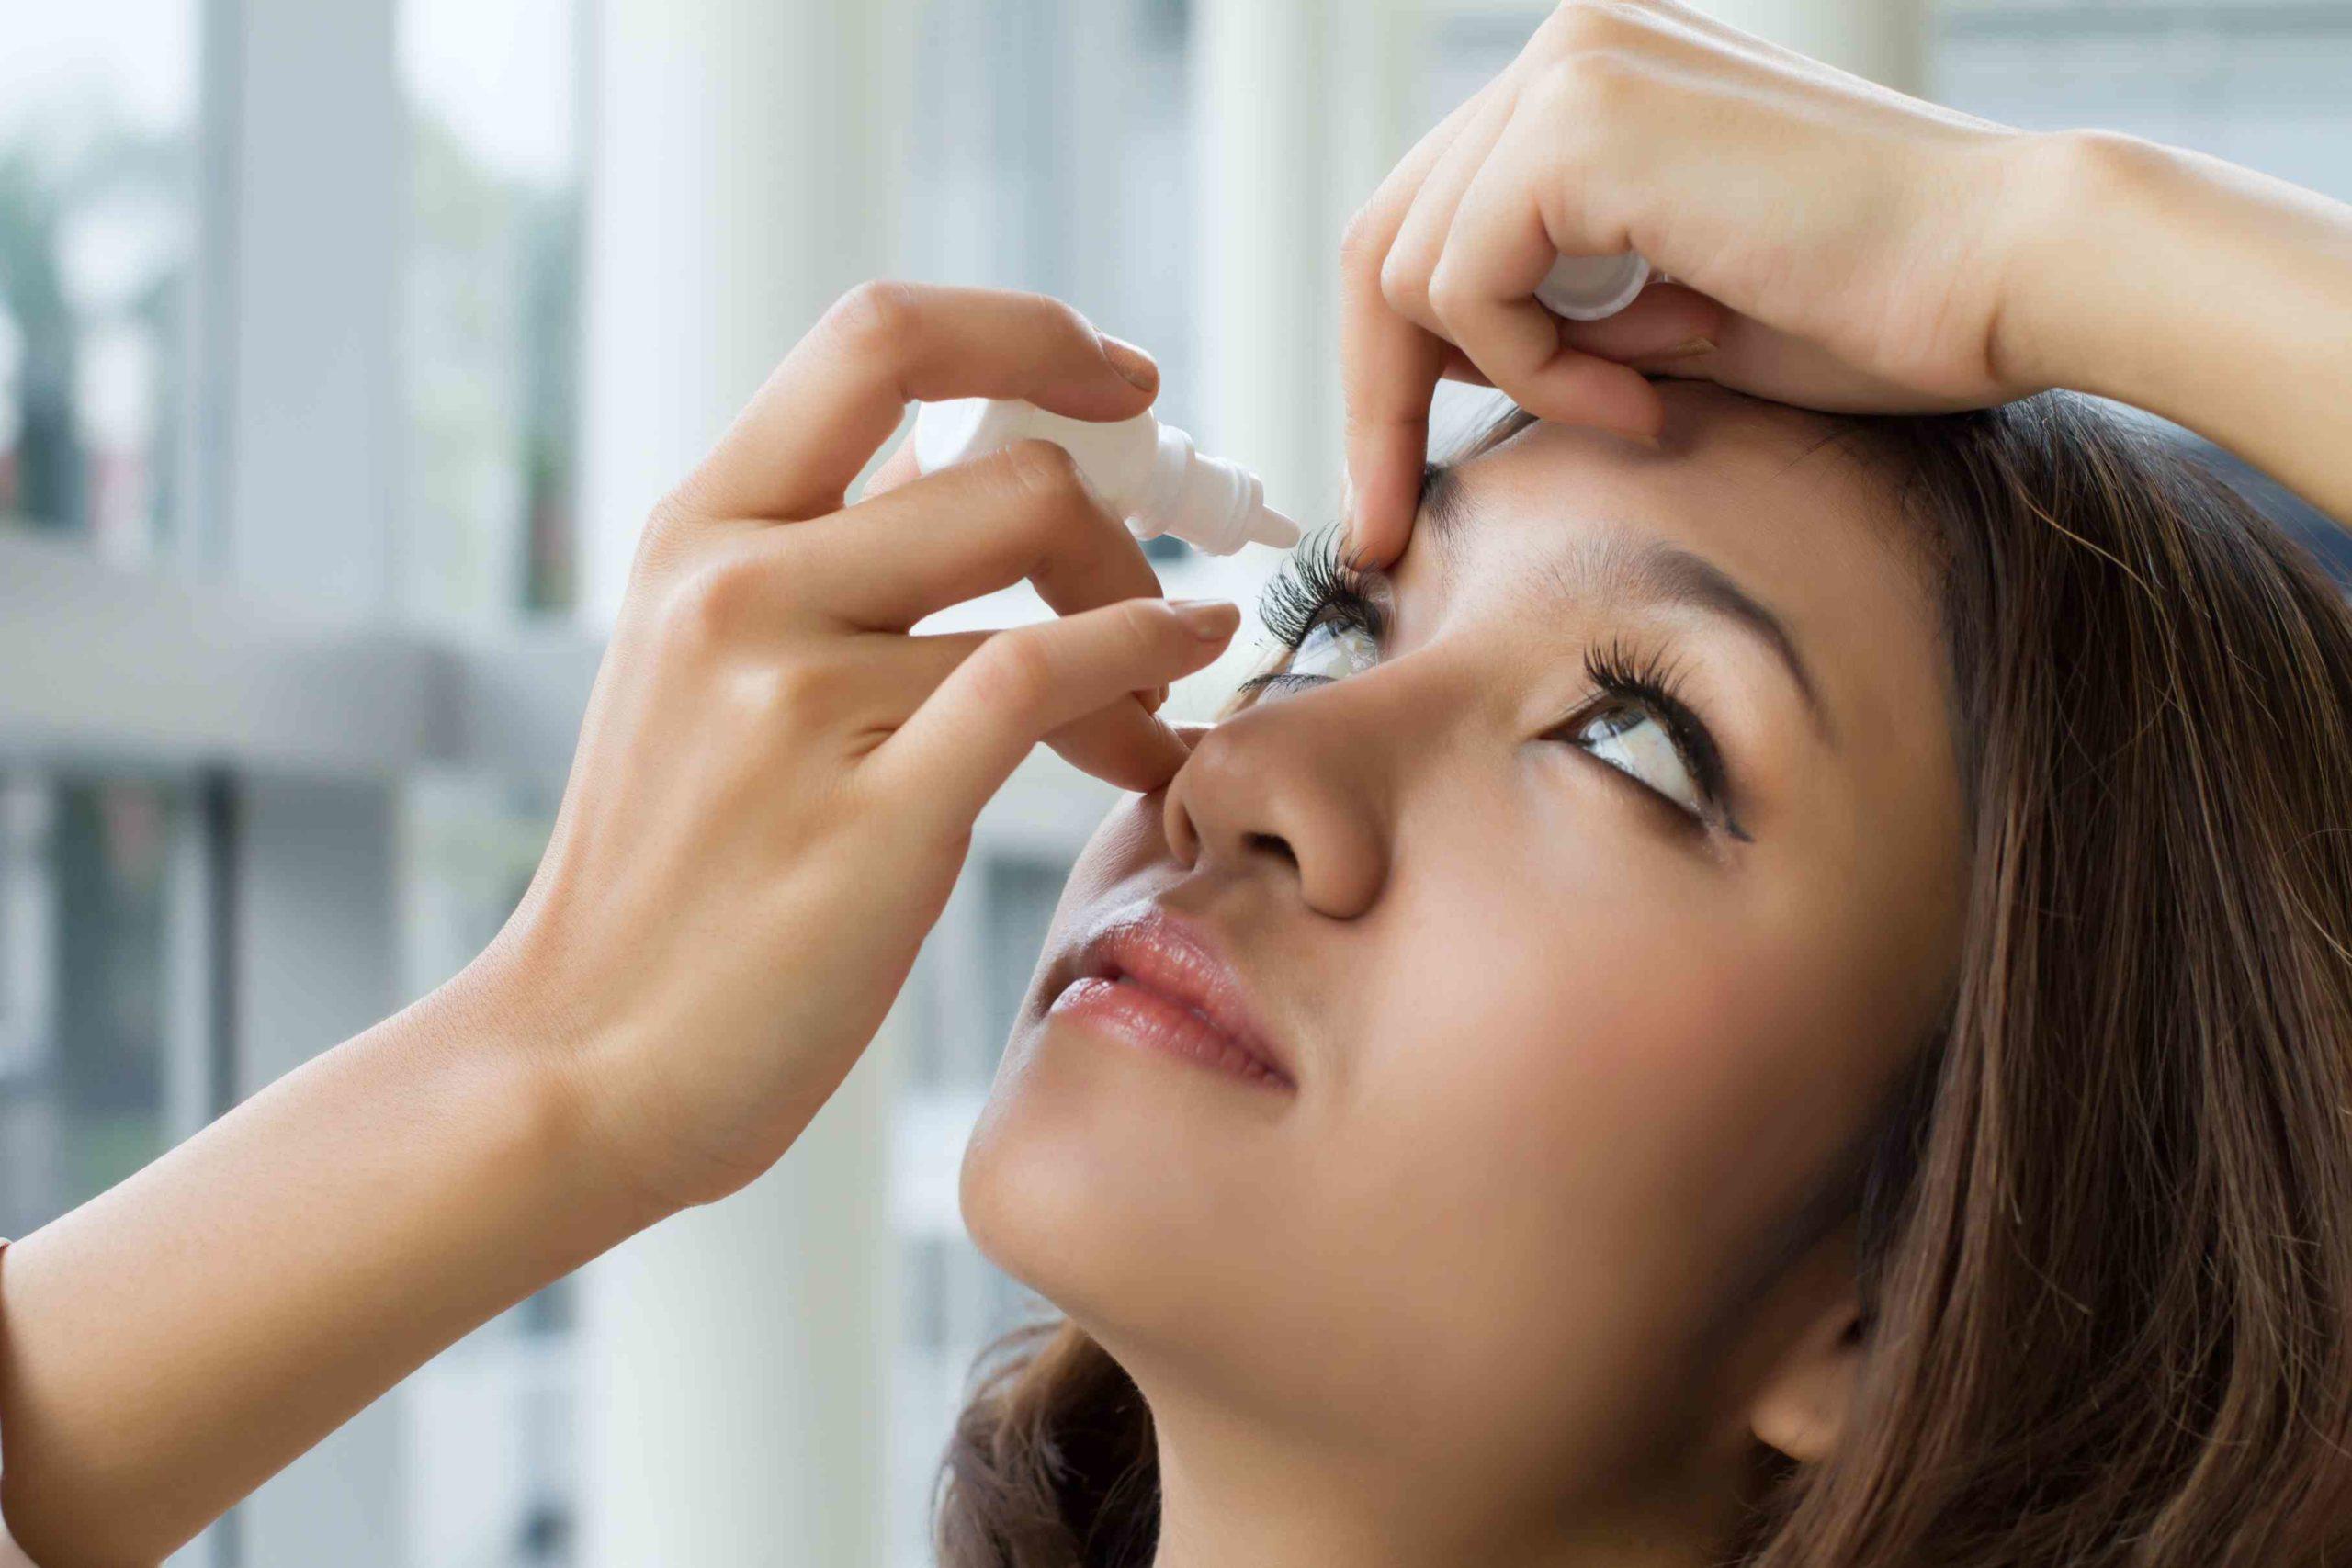 טיפות עיניים במקרה של גוף זר בעין